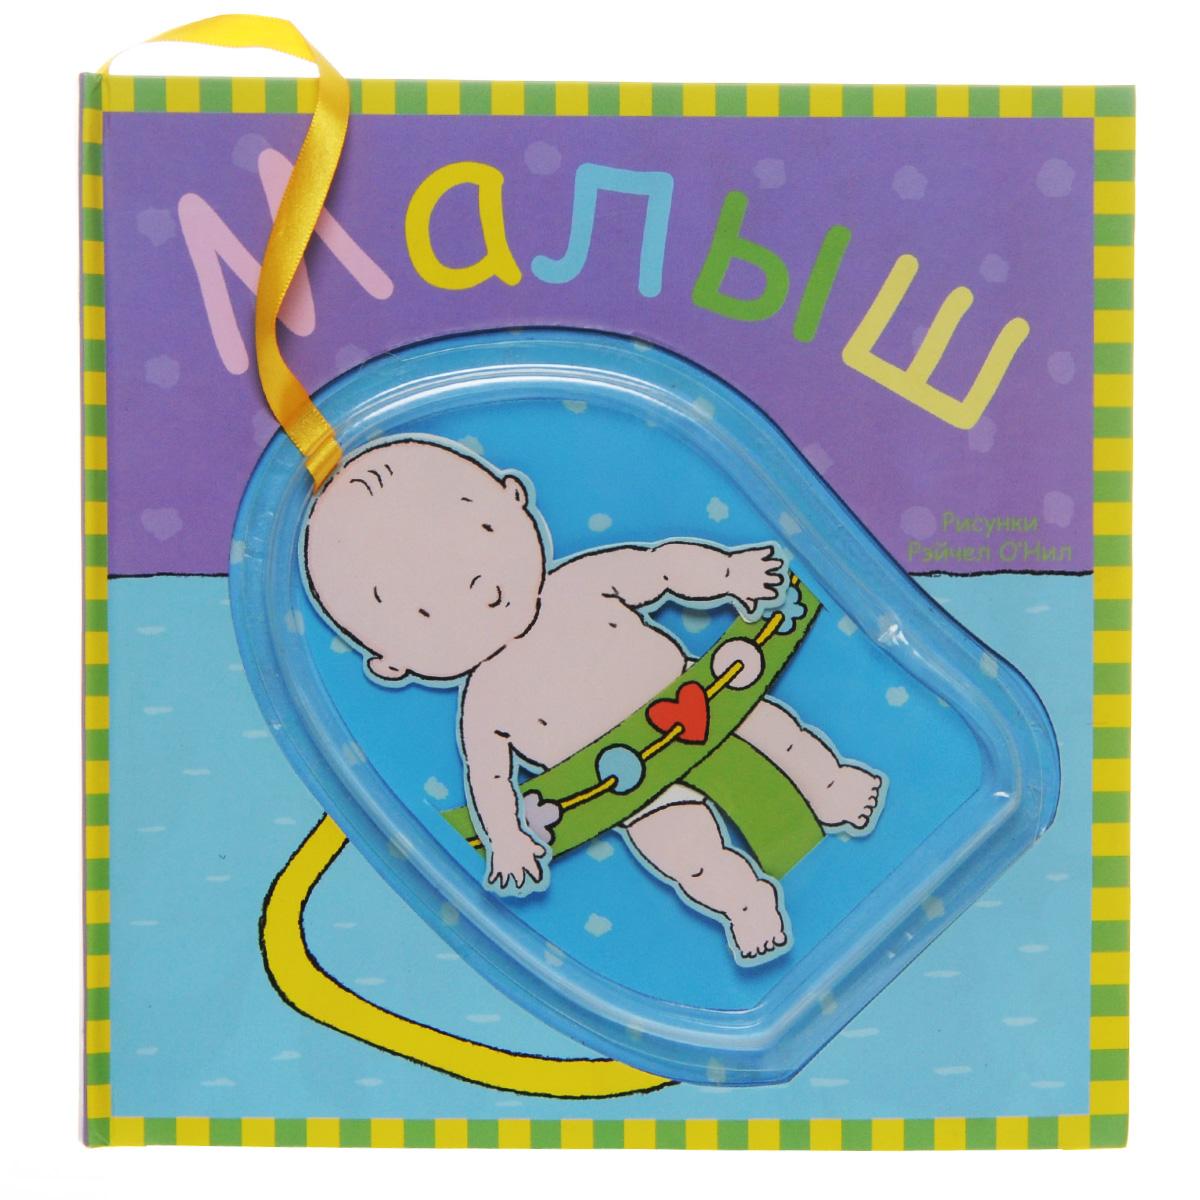 Малыш. Книжка-игрушка12296407Эта замечательная интерактивная книга научит маленького читателя обращаться с младенцами. Картонная фигурка малыша прочно закреплена на ленте и может помещаться на любую страницу книги. Ребенок поможет малышу сесть в детский стульчик, искупаться в ванночке, погулять с папой, оказаться в объятиях мамы, и, наконец, лечь в кровать. Размер фигурки малыша: 15 см х 11 см.